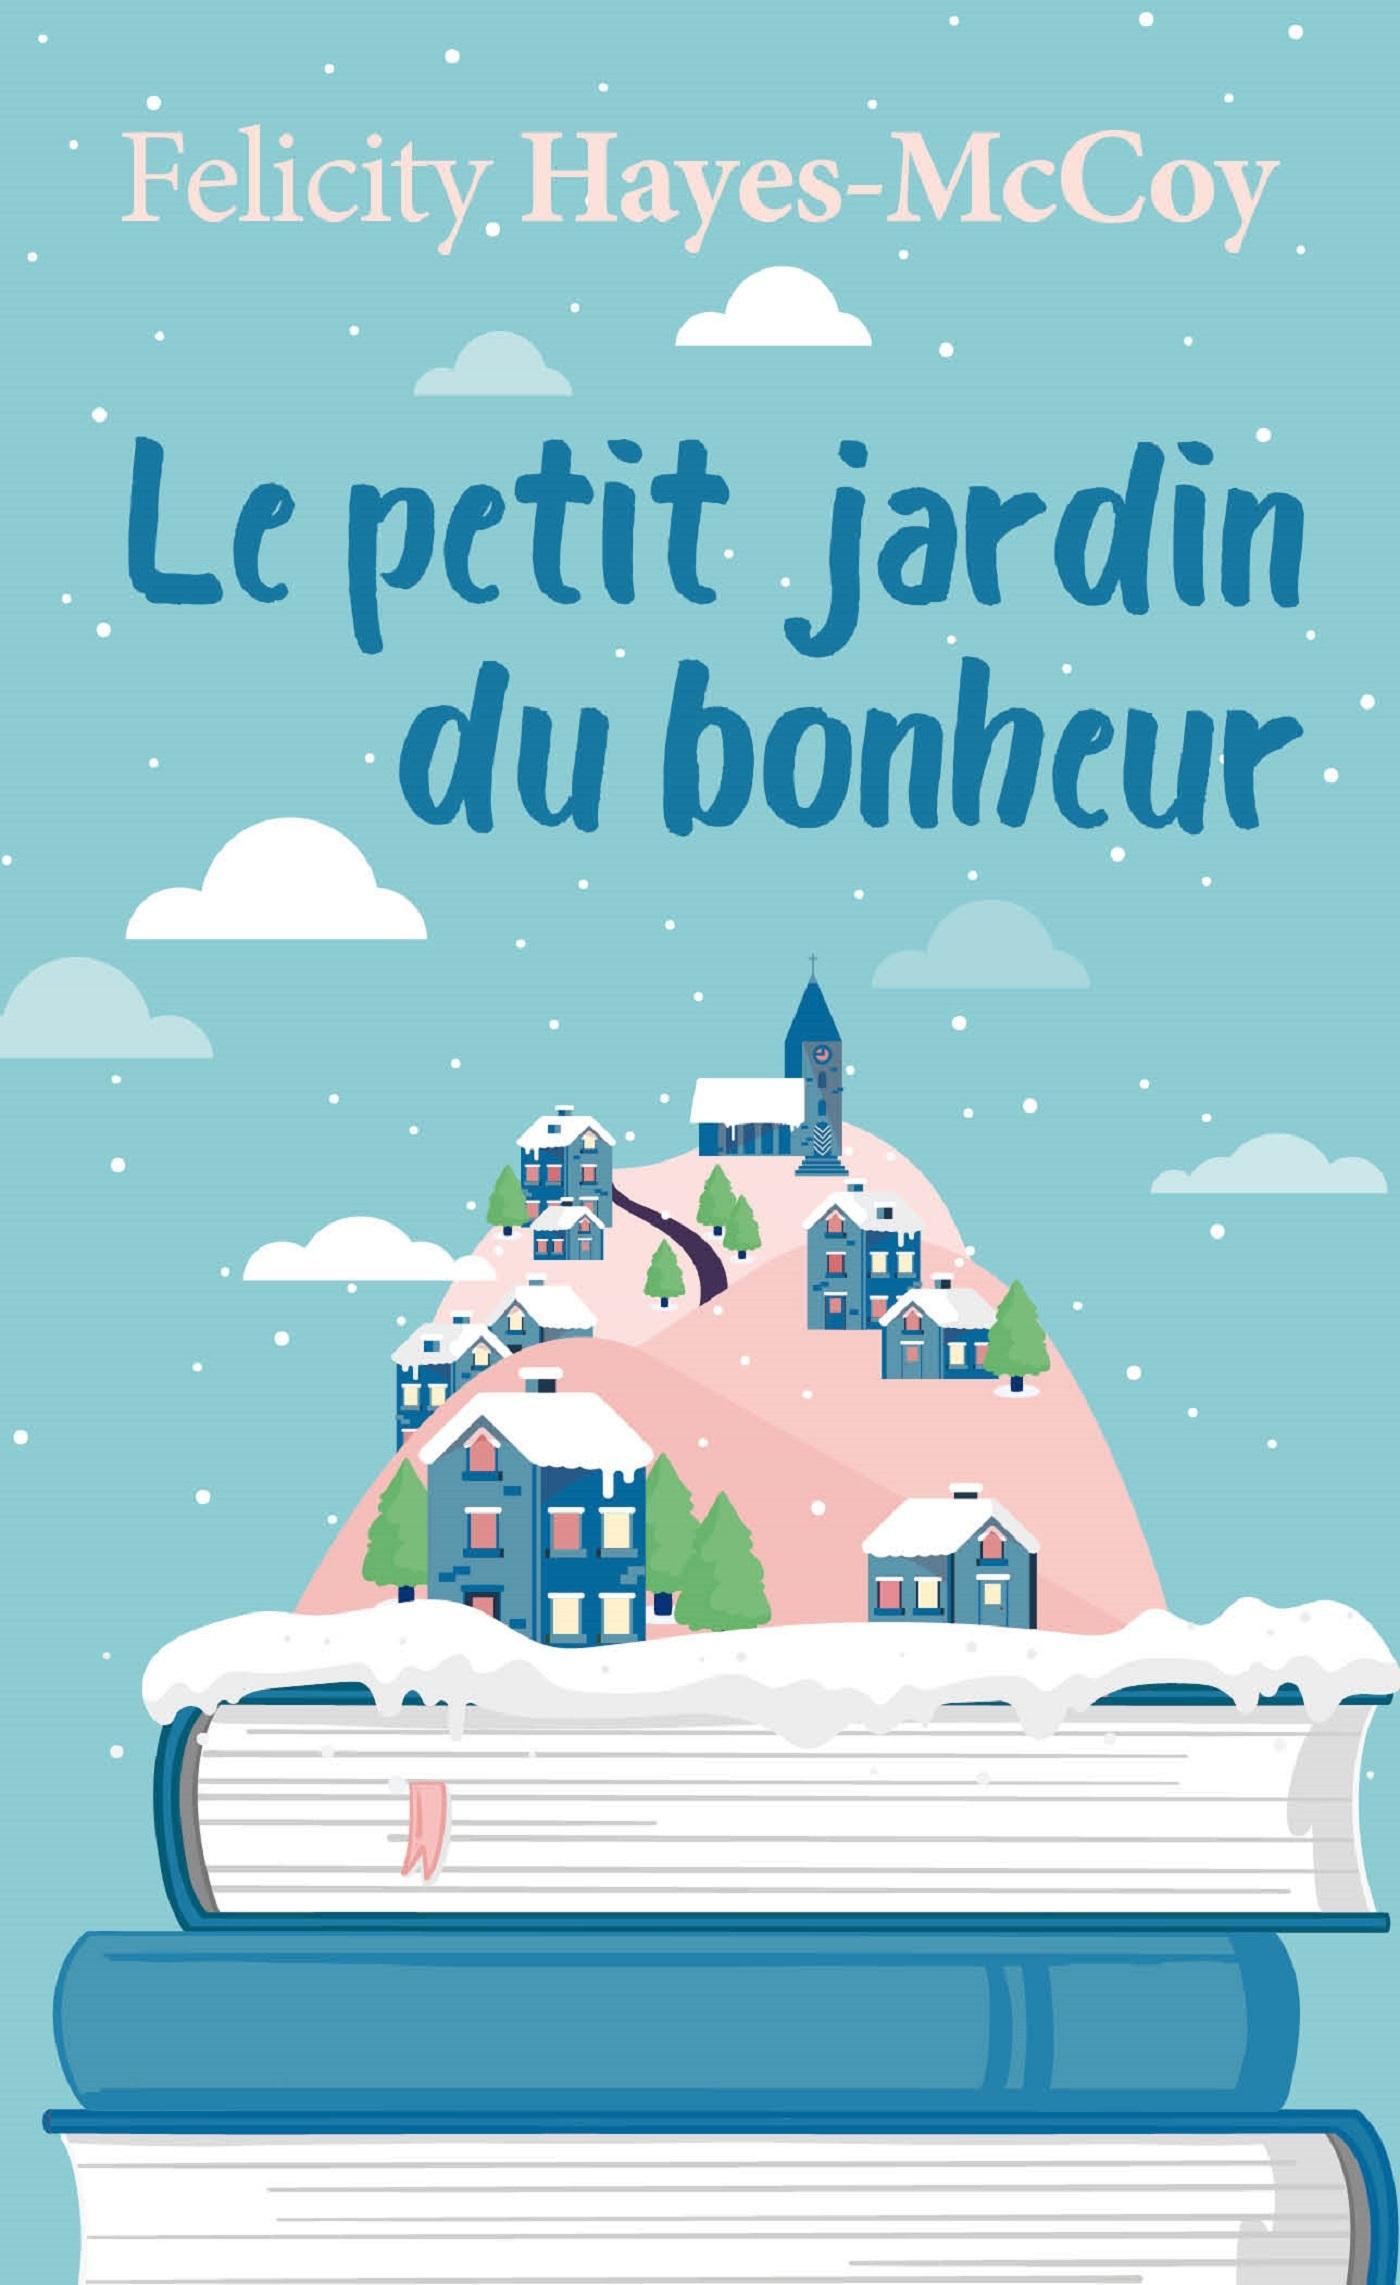 LE PETIT JARDIN DU BONHEUR